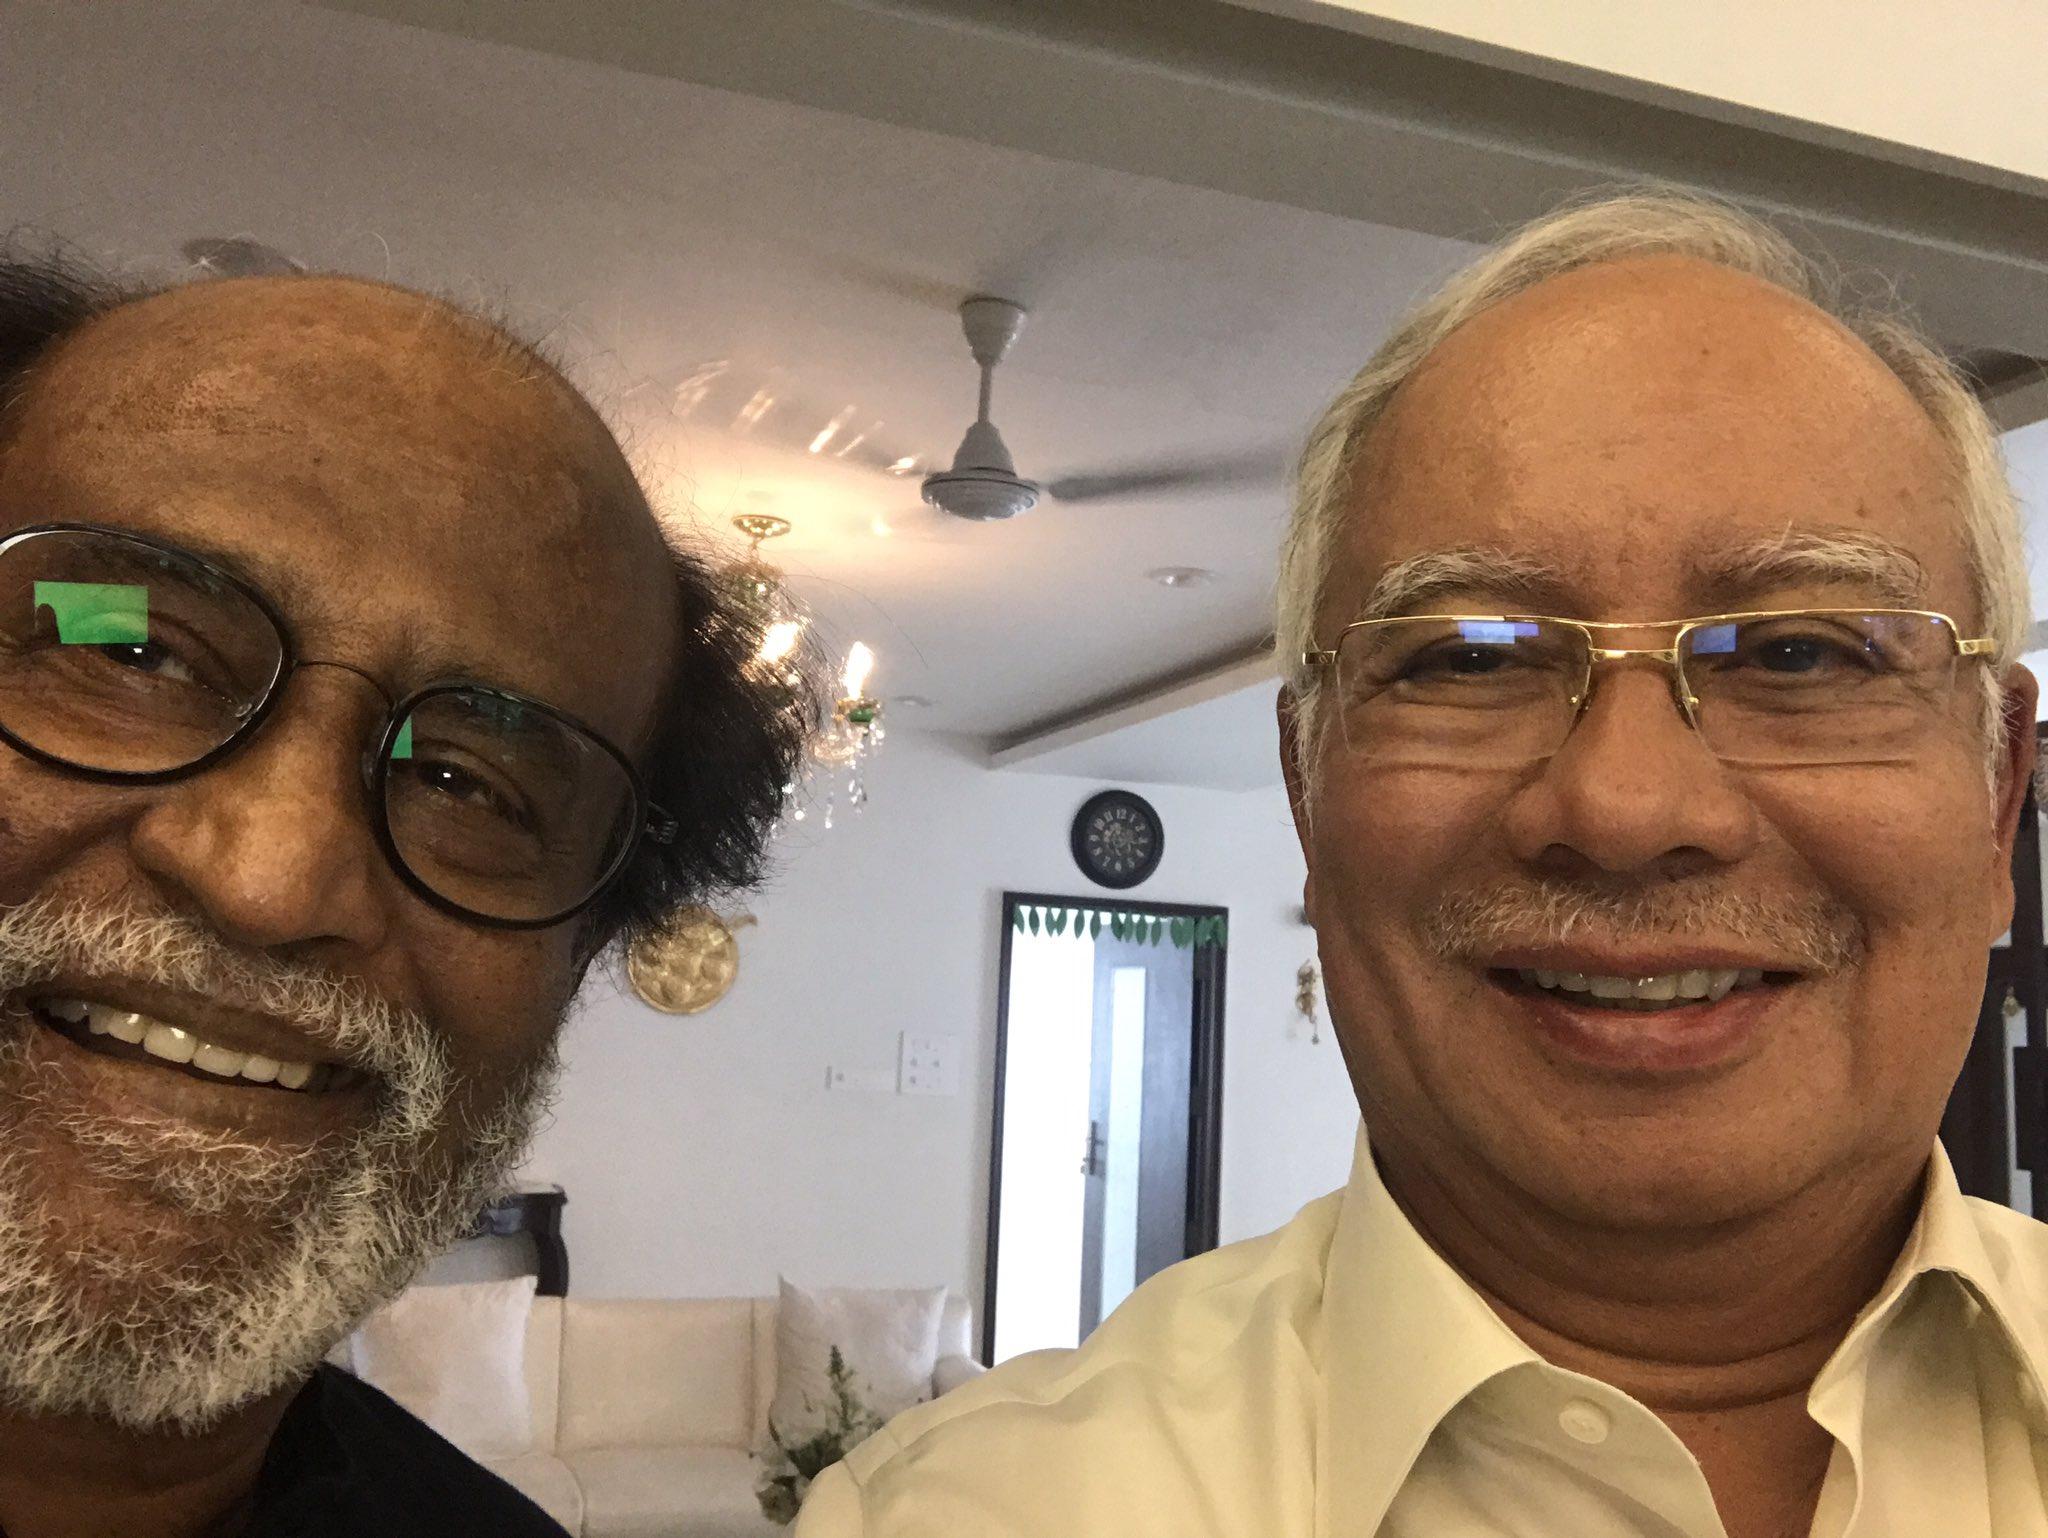 Datuk Seri Najib Razak in a selfie with Rajinikanth. — Picture from twitter.com/@NajibRazak